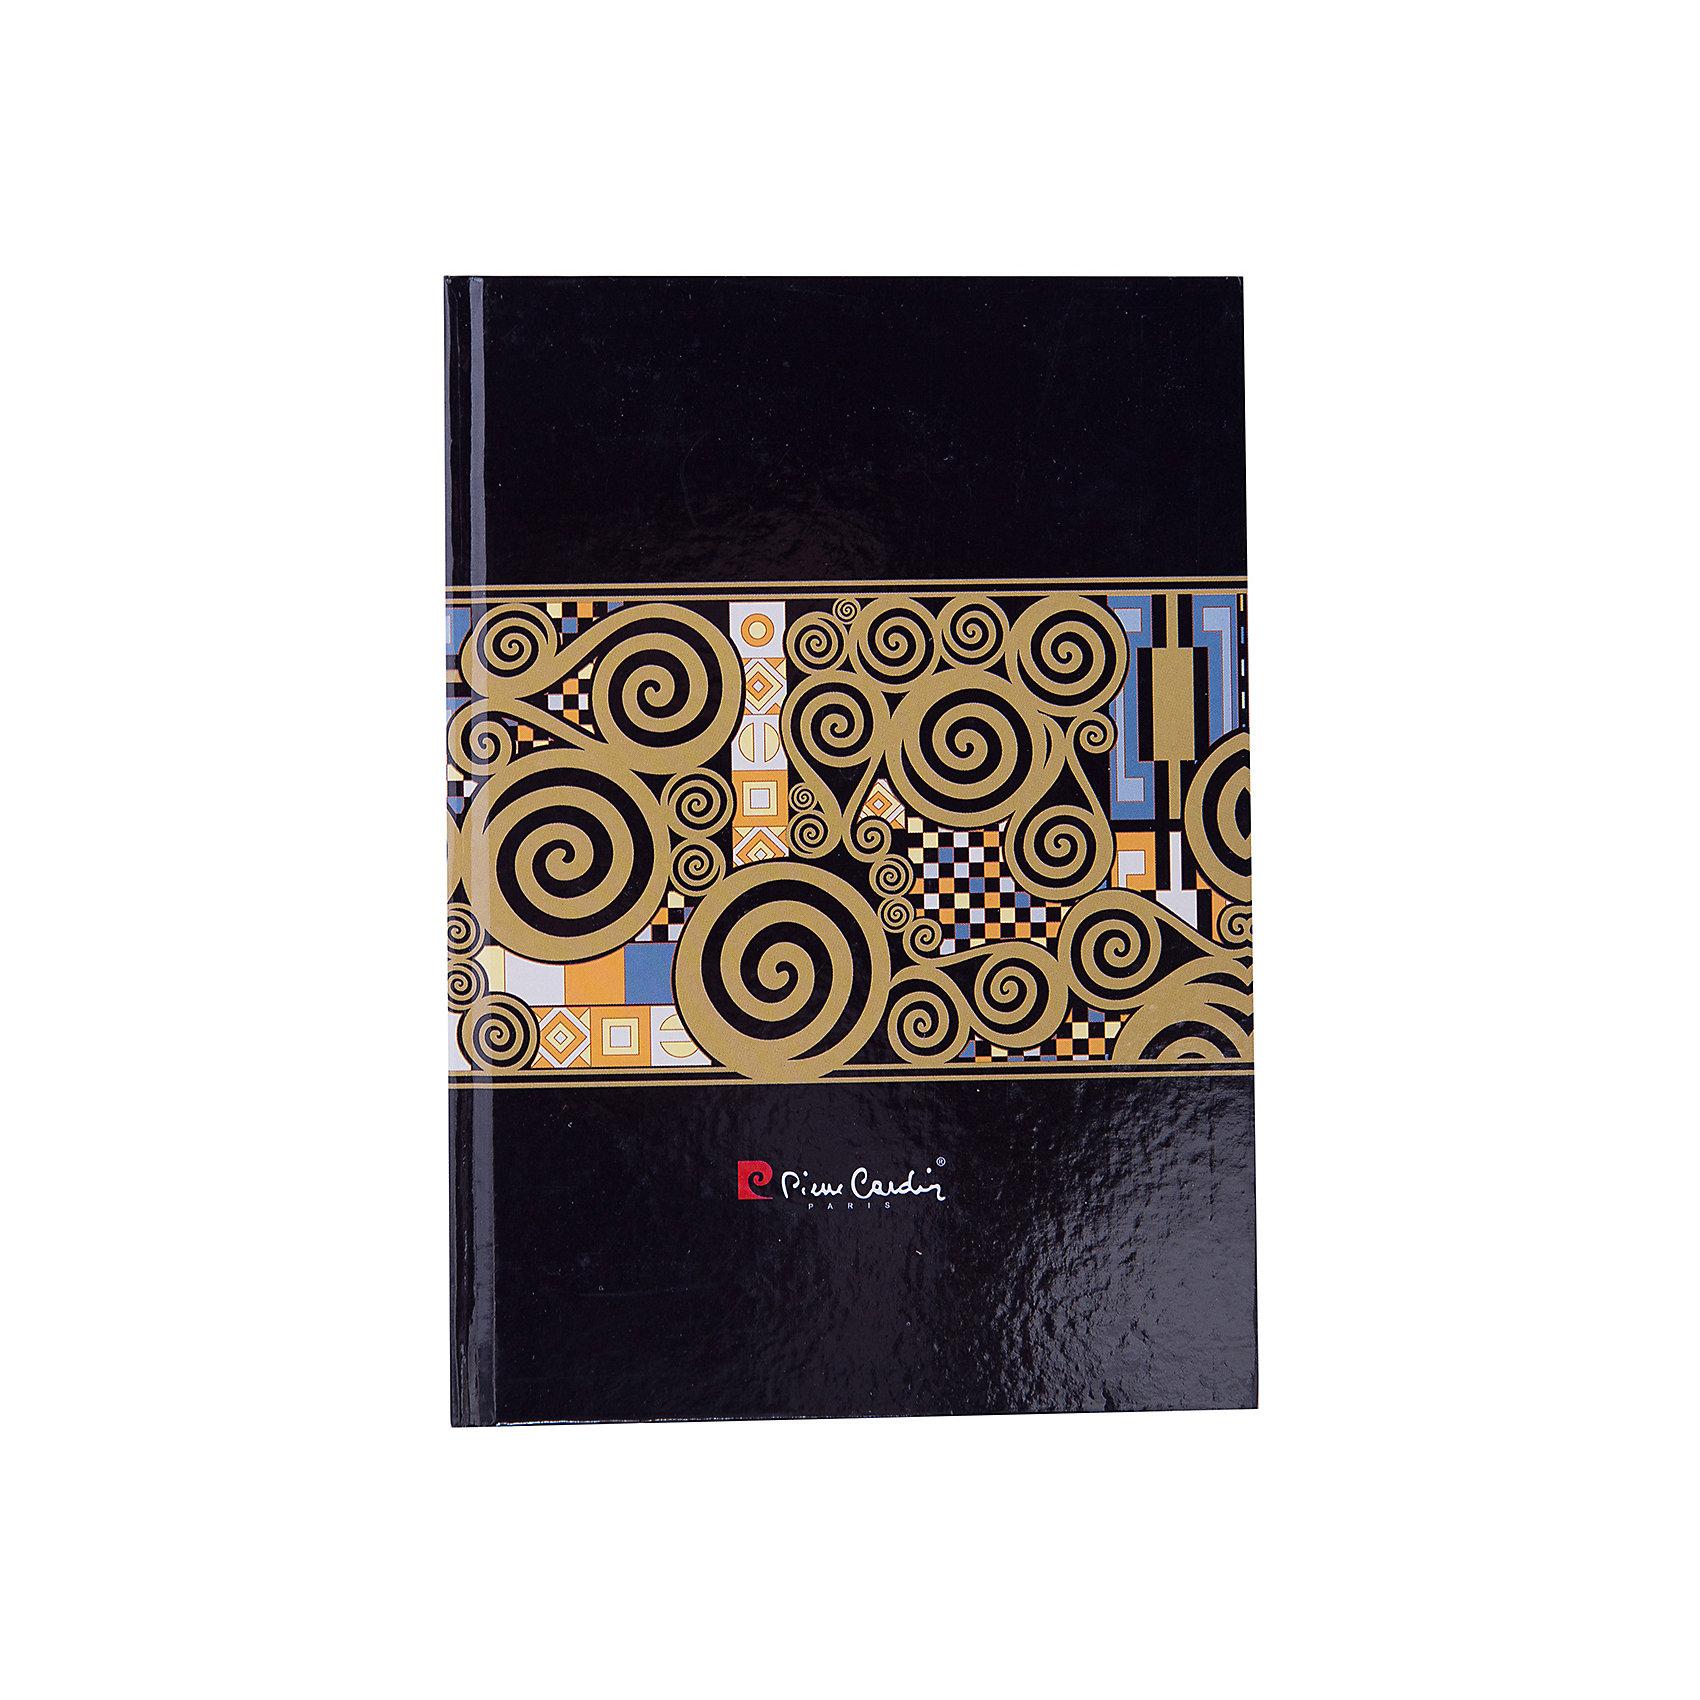 Престиж-Блокнот А5 80л Pierre Cardin LoisBlanсБумажная продукция<br>Характеристики товара:<br><br>• количество листов: 80;<br>• формат: А5;<br>• возраст: от 7 лет;<br>• размер: 21х15 см;<br>• размер упаковки: 21х15,5х1 см;<br>• вес: 220 грамм.<br><br>Престиж-блокнот LoisBlanc выполнен под брендом известного дизайнера Pierre Cardin. Блокнот подчеркнет стиль и статус владельца. Подходит для создания записей, заметок и напоминаний. Ламинированная обложка сохранит опрятный вид и защитит внутренний блок от преждевременного изнашивания.<br><br>Престиж-Блокнот А5 80л Pierre Cardin (Пьер Карден) LoisBlanс можно купить в нашем интернет-магазине.<br><br>Ширина мм: 210<br>Глубина мм: 150<br>Высота мм: 10<br>Вес г: 220<br>Возраст от месяцев: 84<br>Возраст до месяцев: 2147483647<br>Пол: Унисекс<br>Возраст: Детский<br>SKU: 7029924